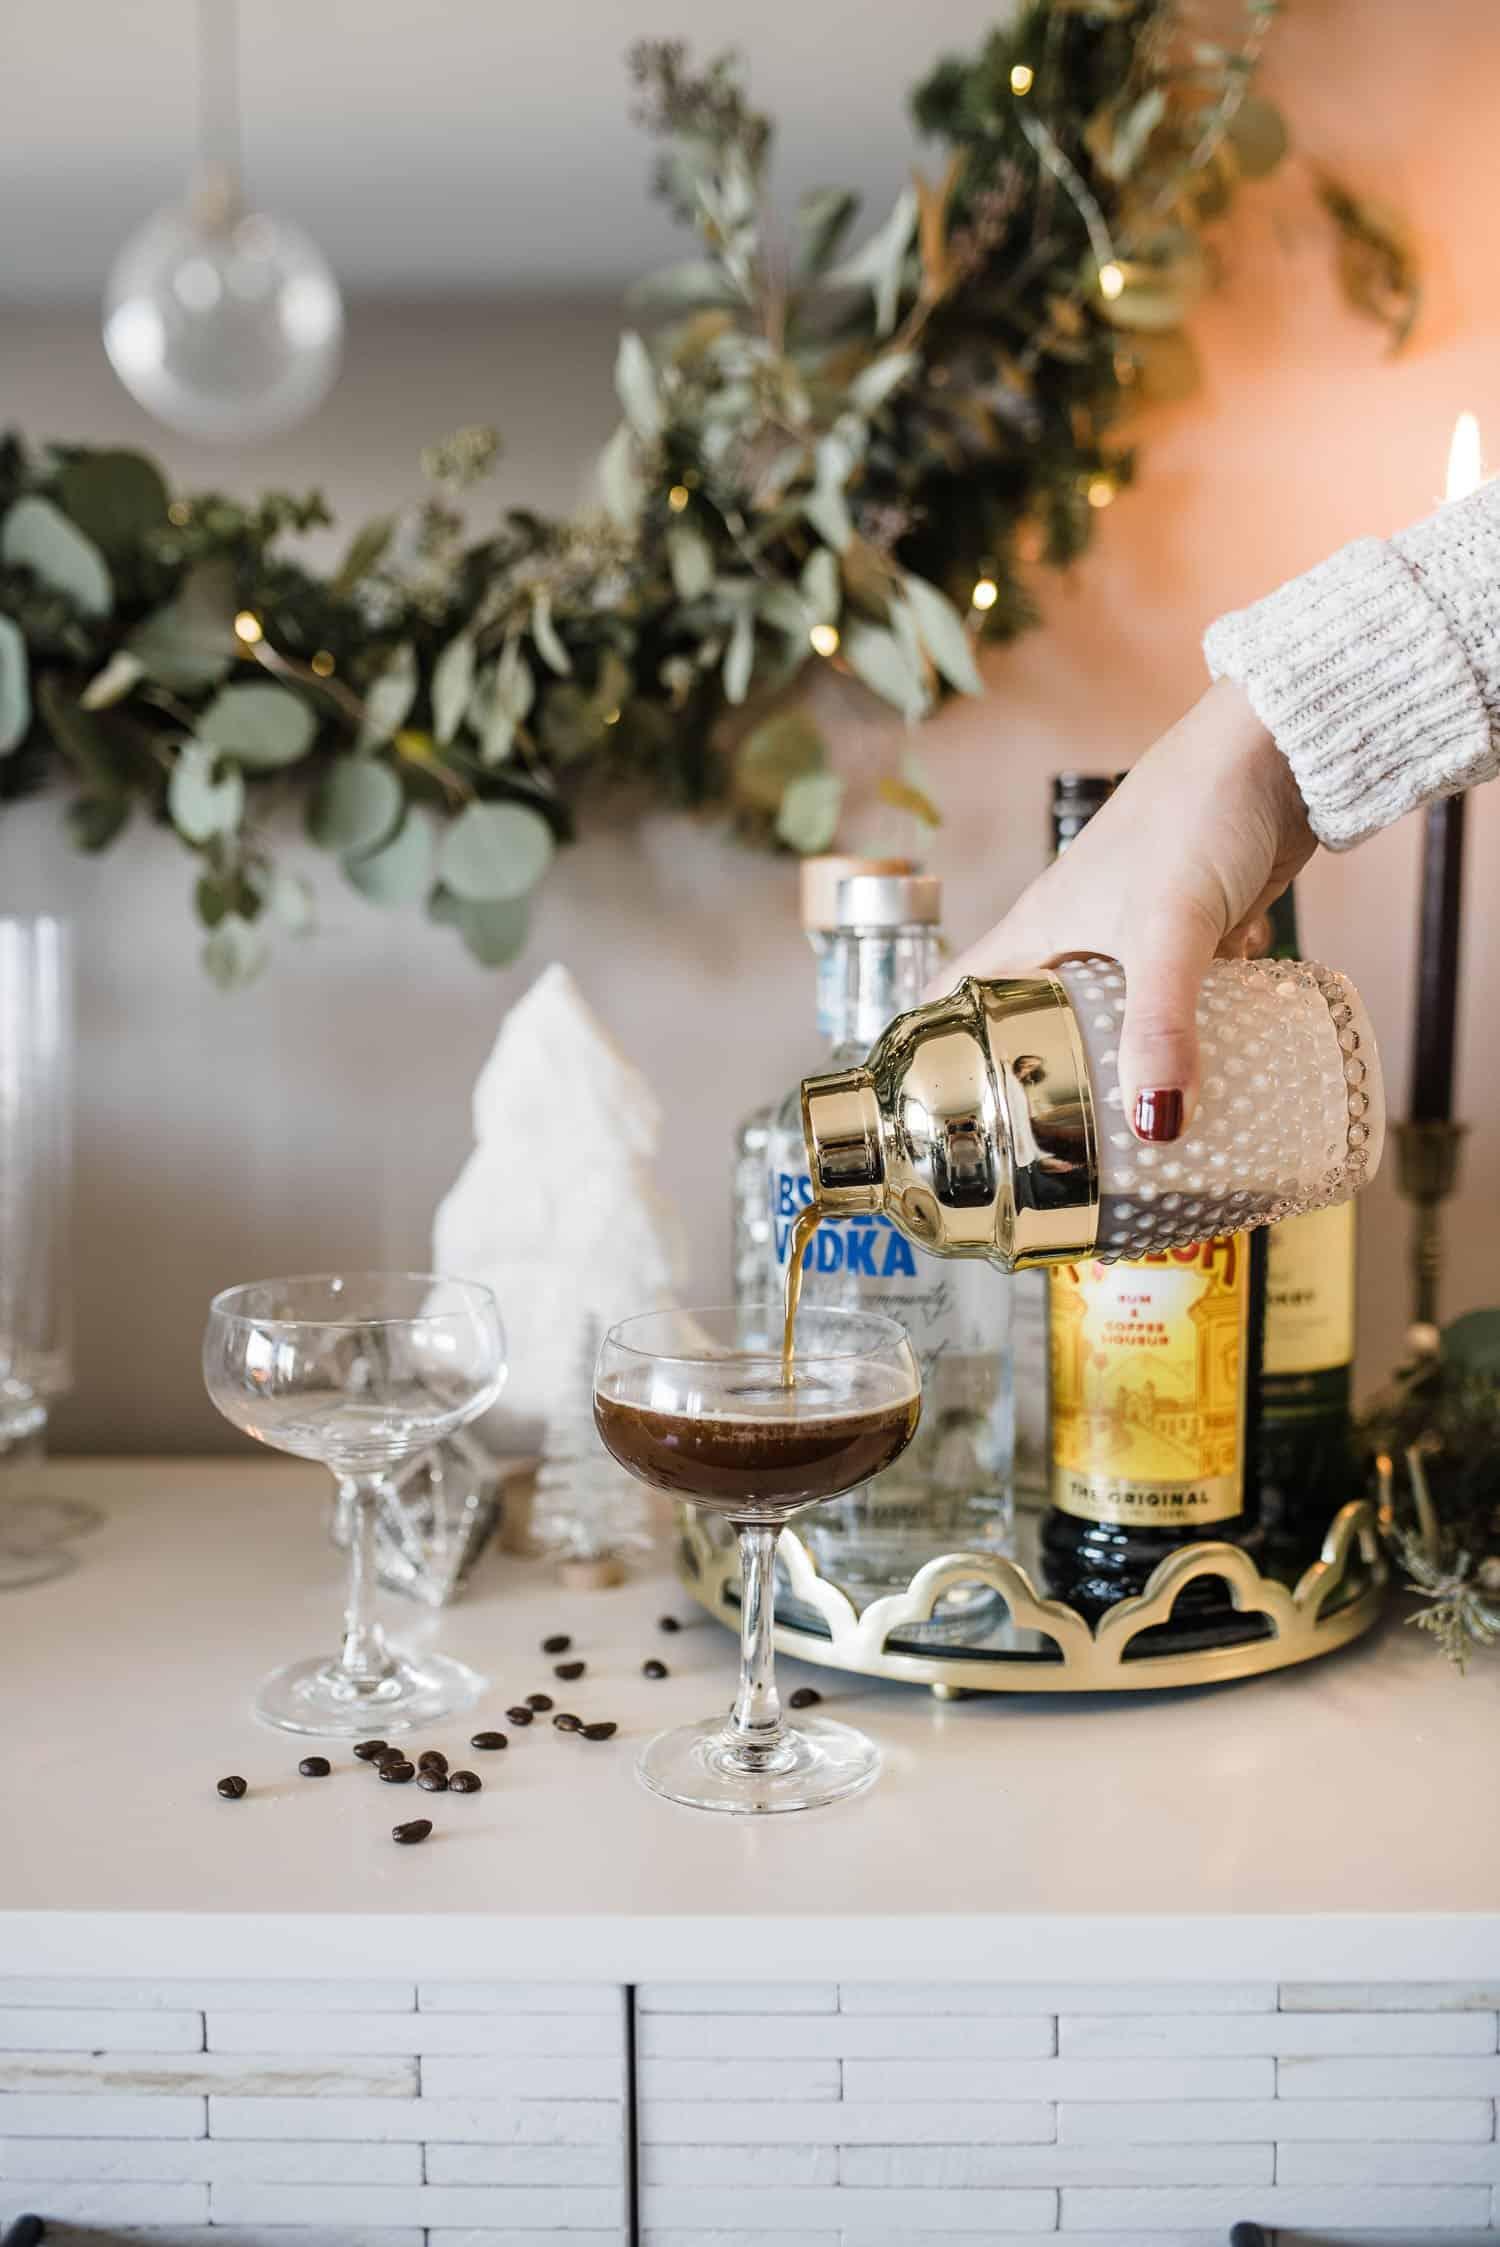 A Classic Espresso Martini